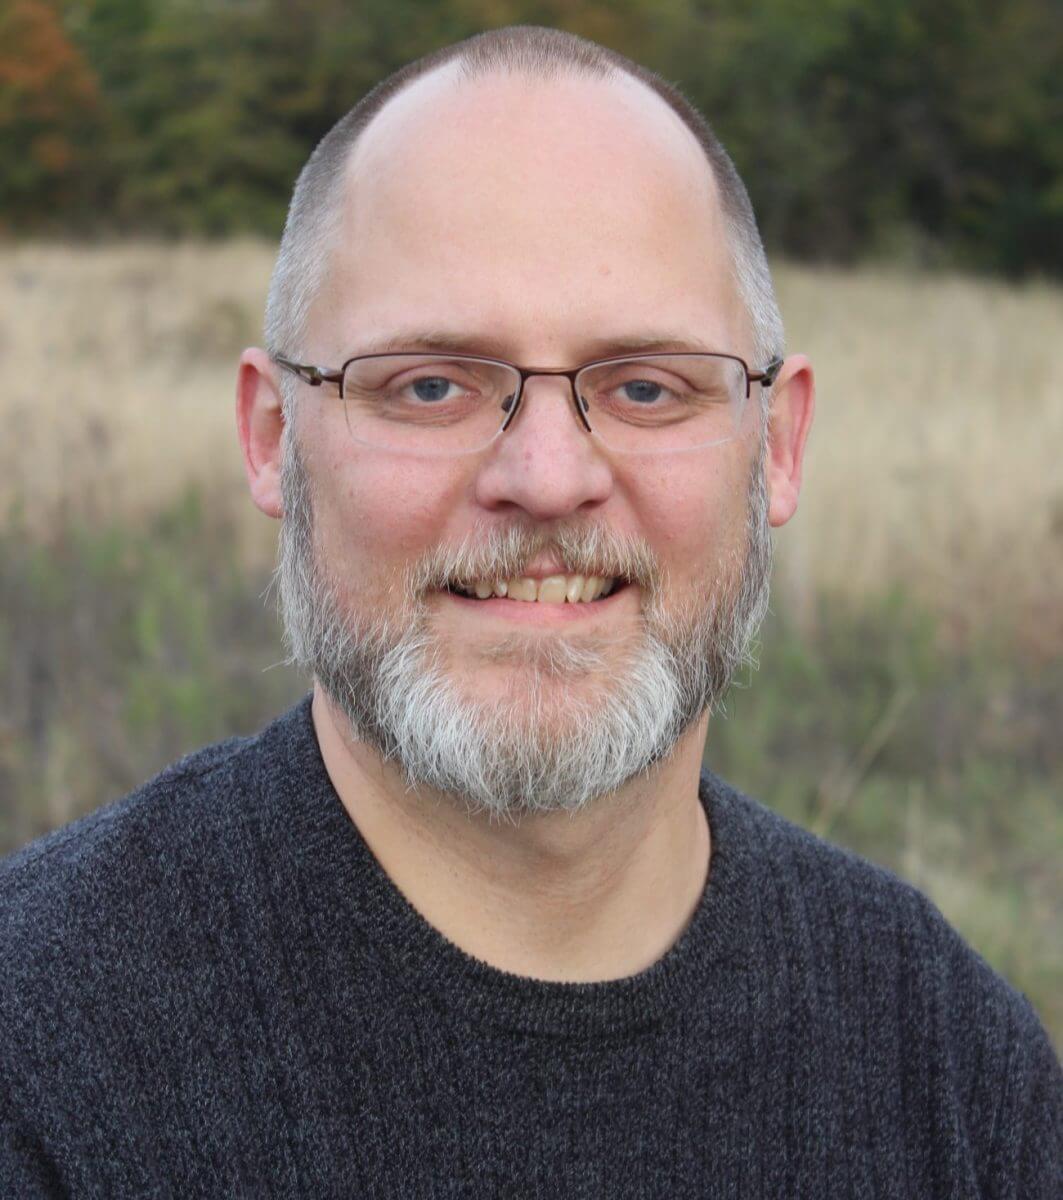 Jeff Hopper